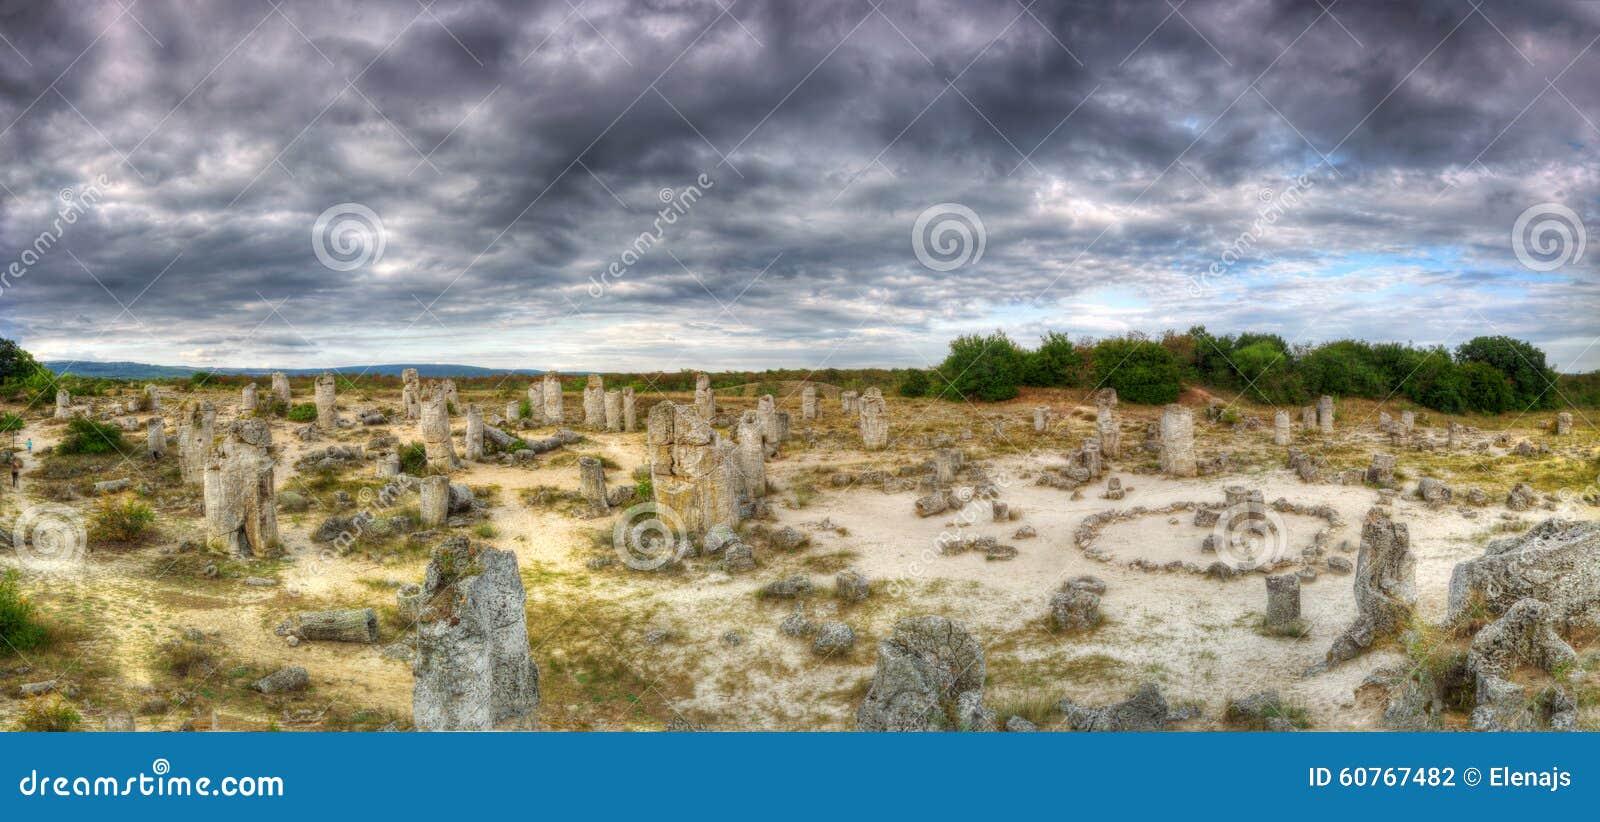 Stena skogen eller stena öknen /Pobiti kamani/nära Varna, Bulgarien - panorama